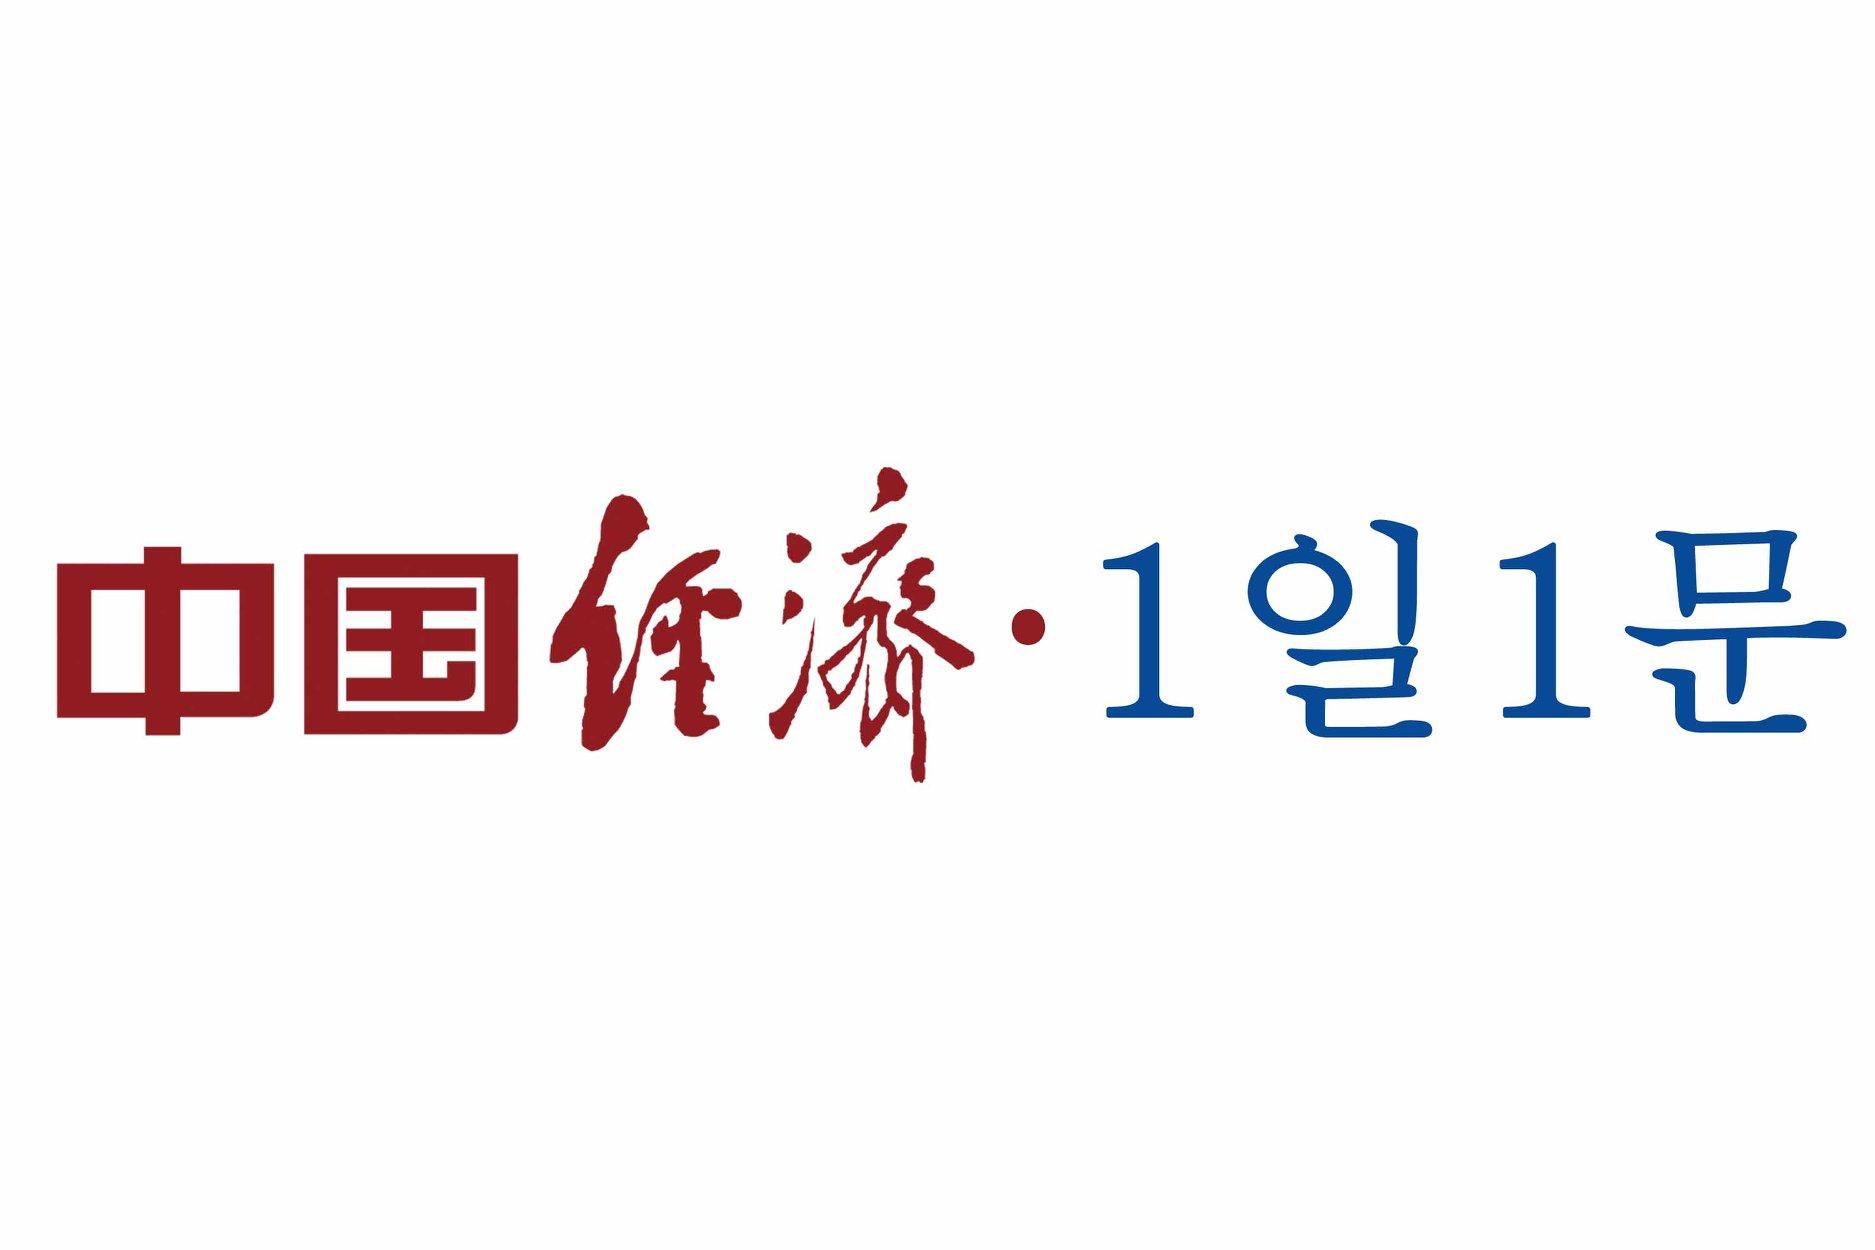 [중국경제 1일1문] 한국은 과학기술의 강점을 발휘할 수 있는 분야는?